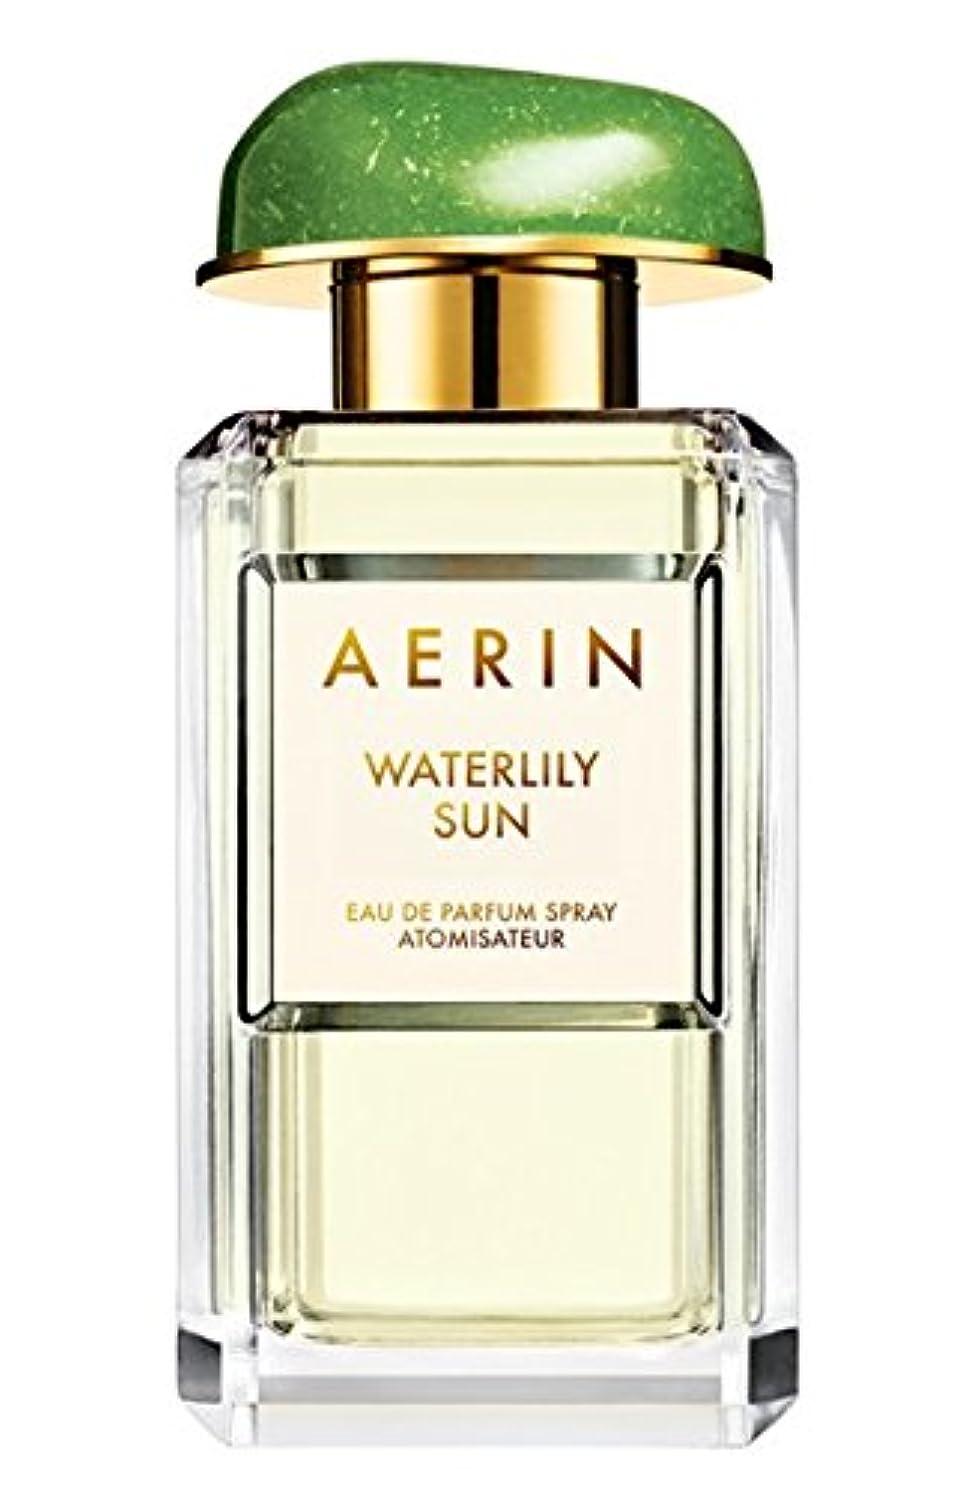 英語の授業があります変わるフローAERIN 'Waterlily Sun' (アエリン ウオーターリリー サン) 1.7 oz (50ml) EDP Spray by Estee Lauder for Women